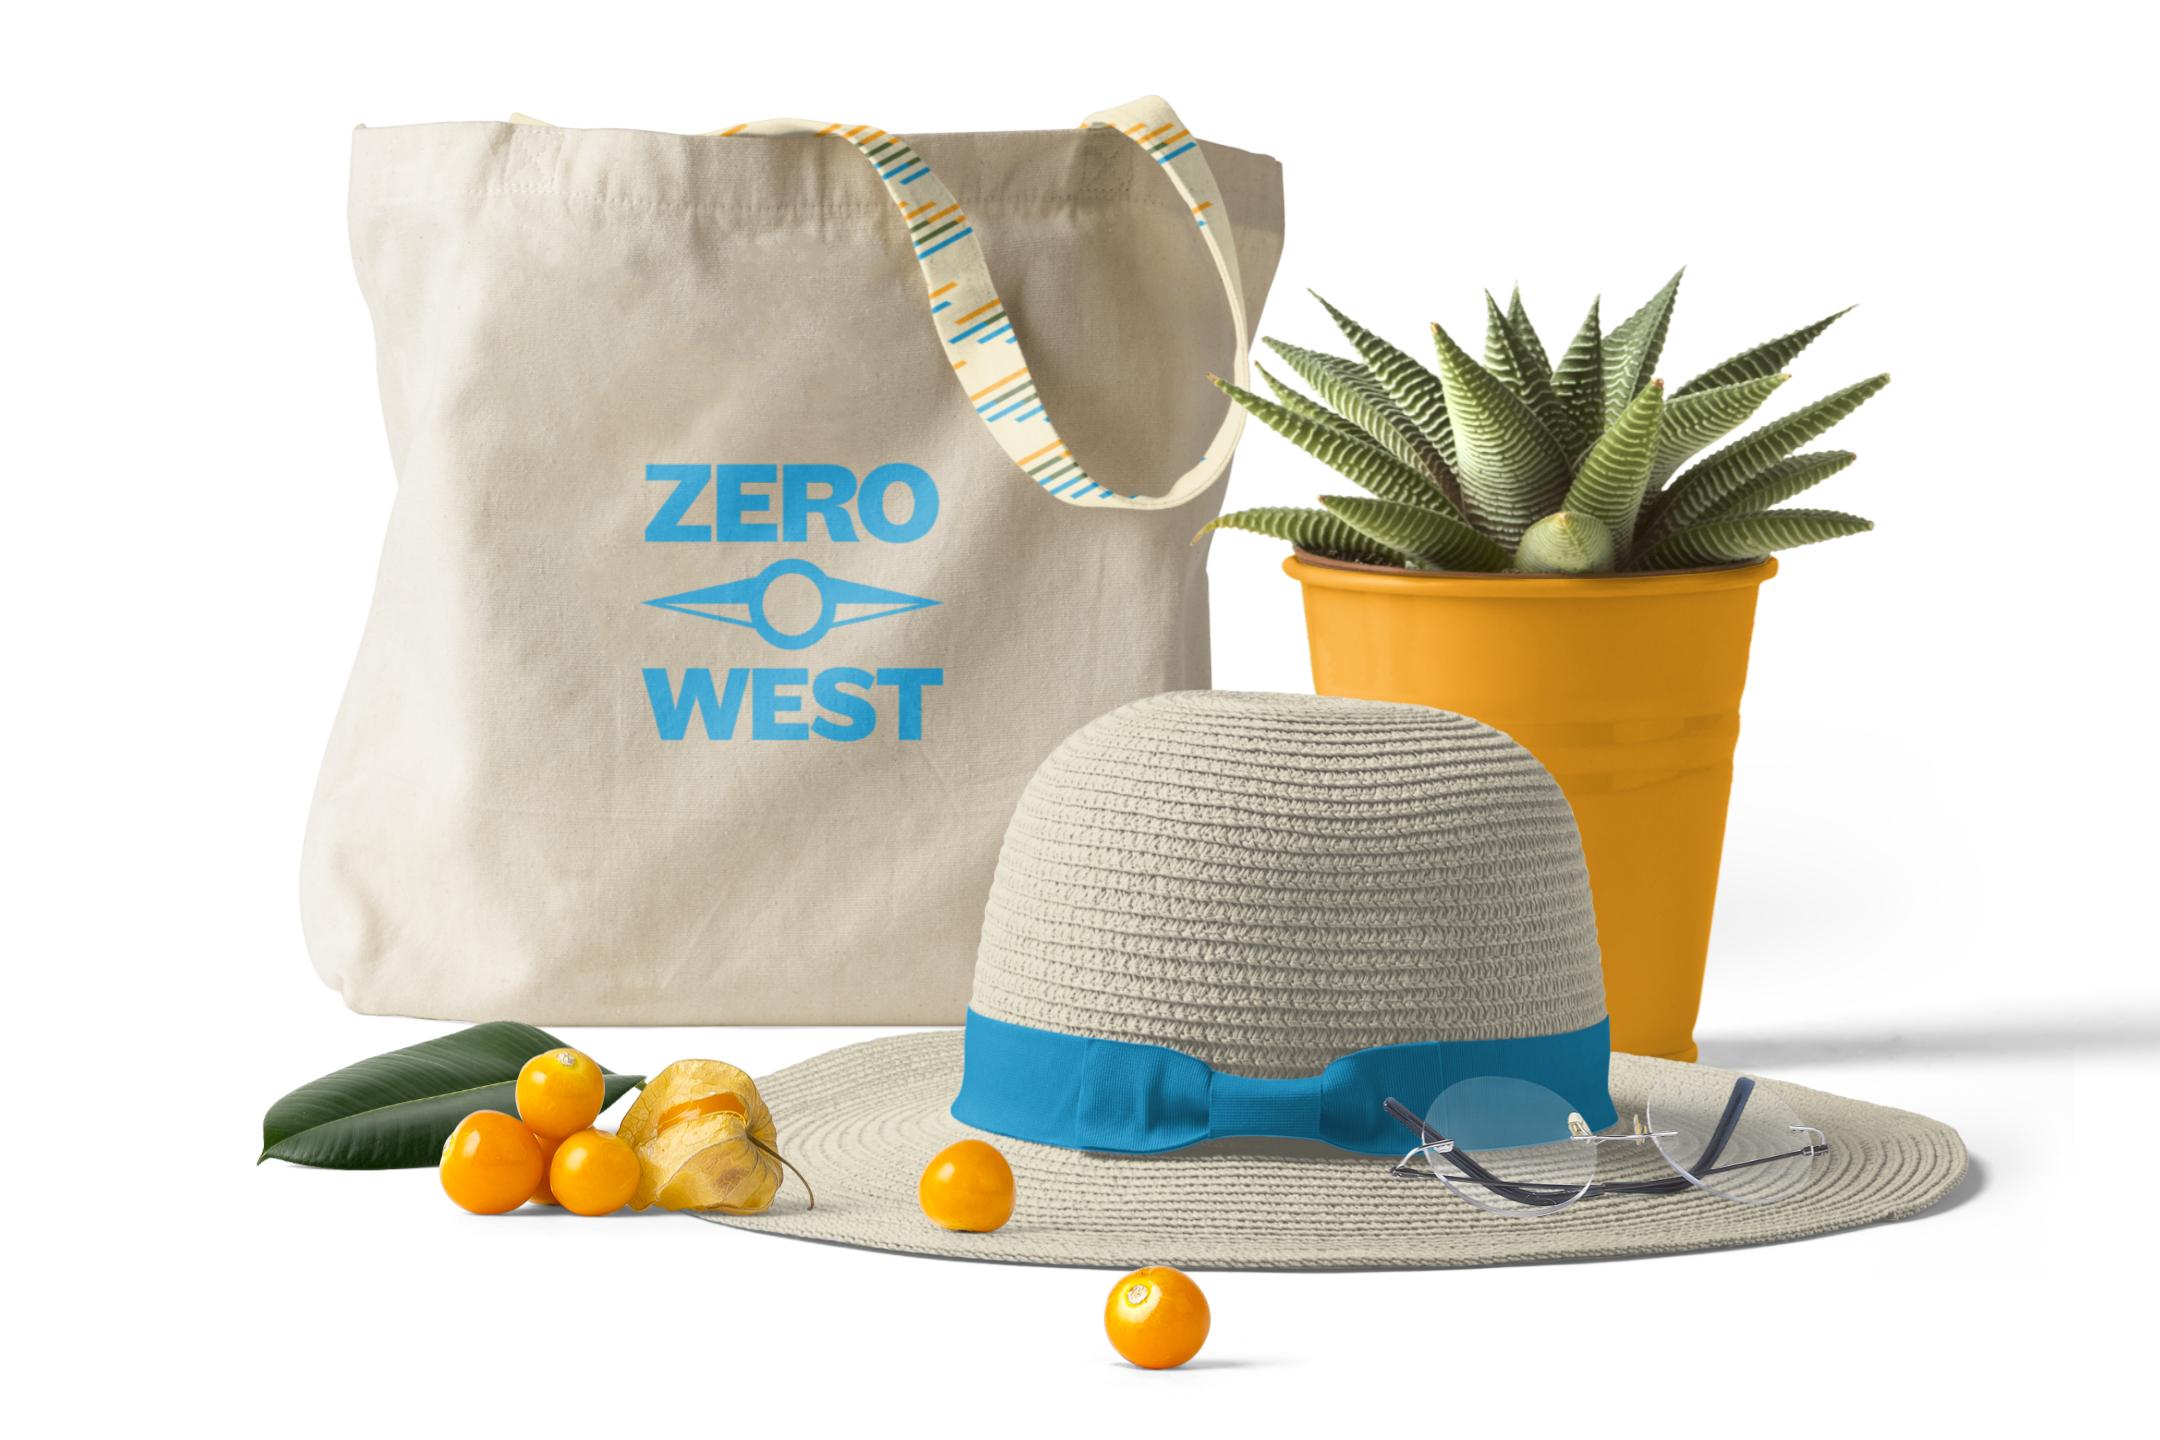 Zero West: tote bag design